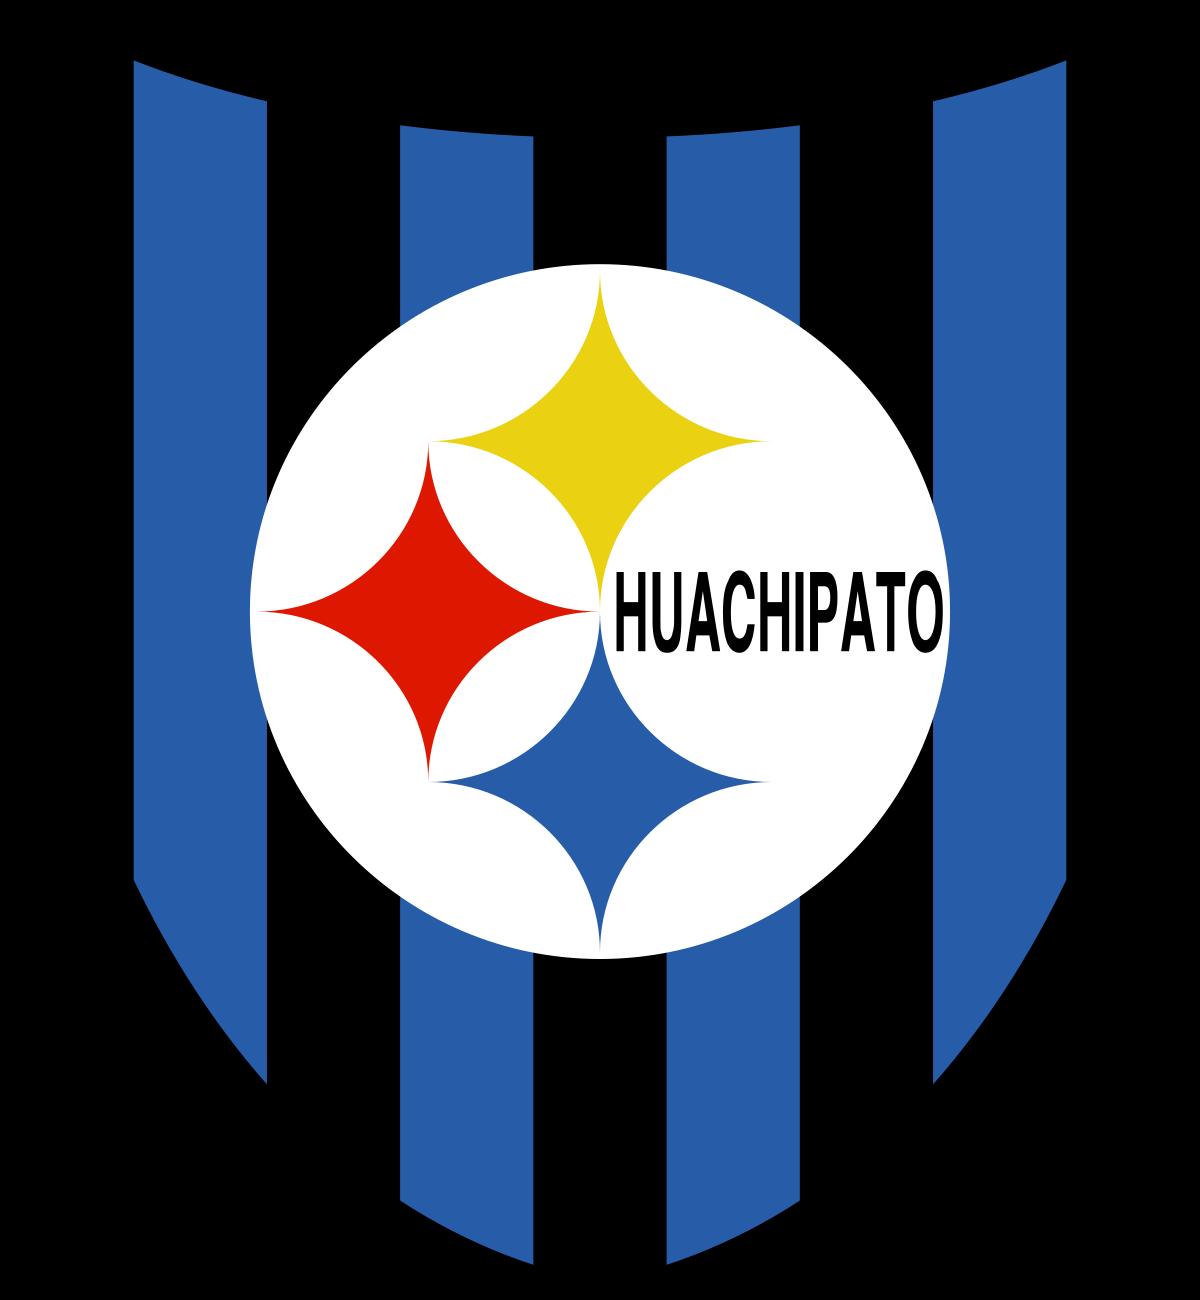 1200x1300 Huachipato